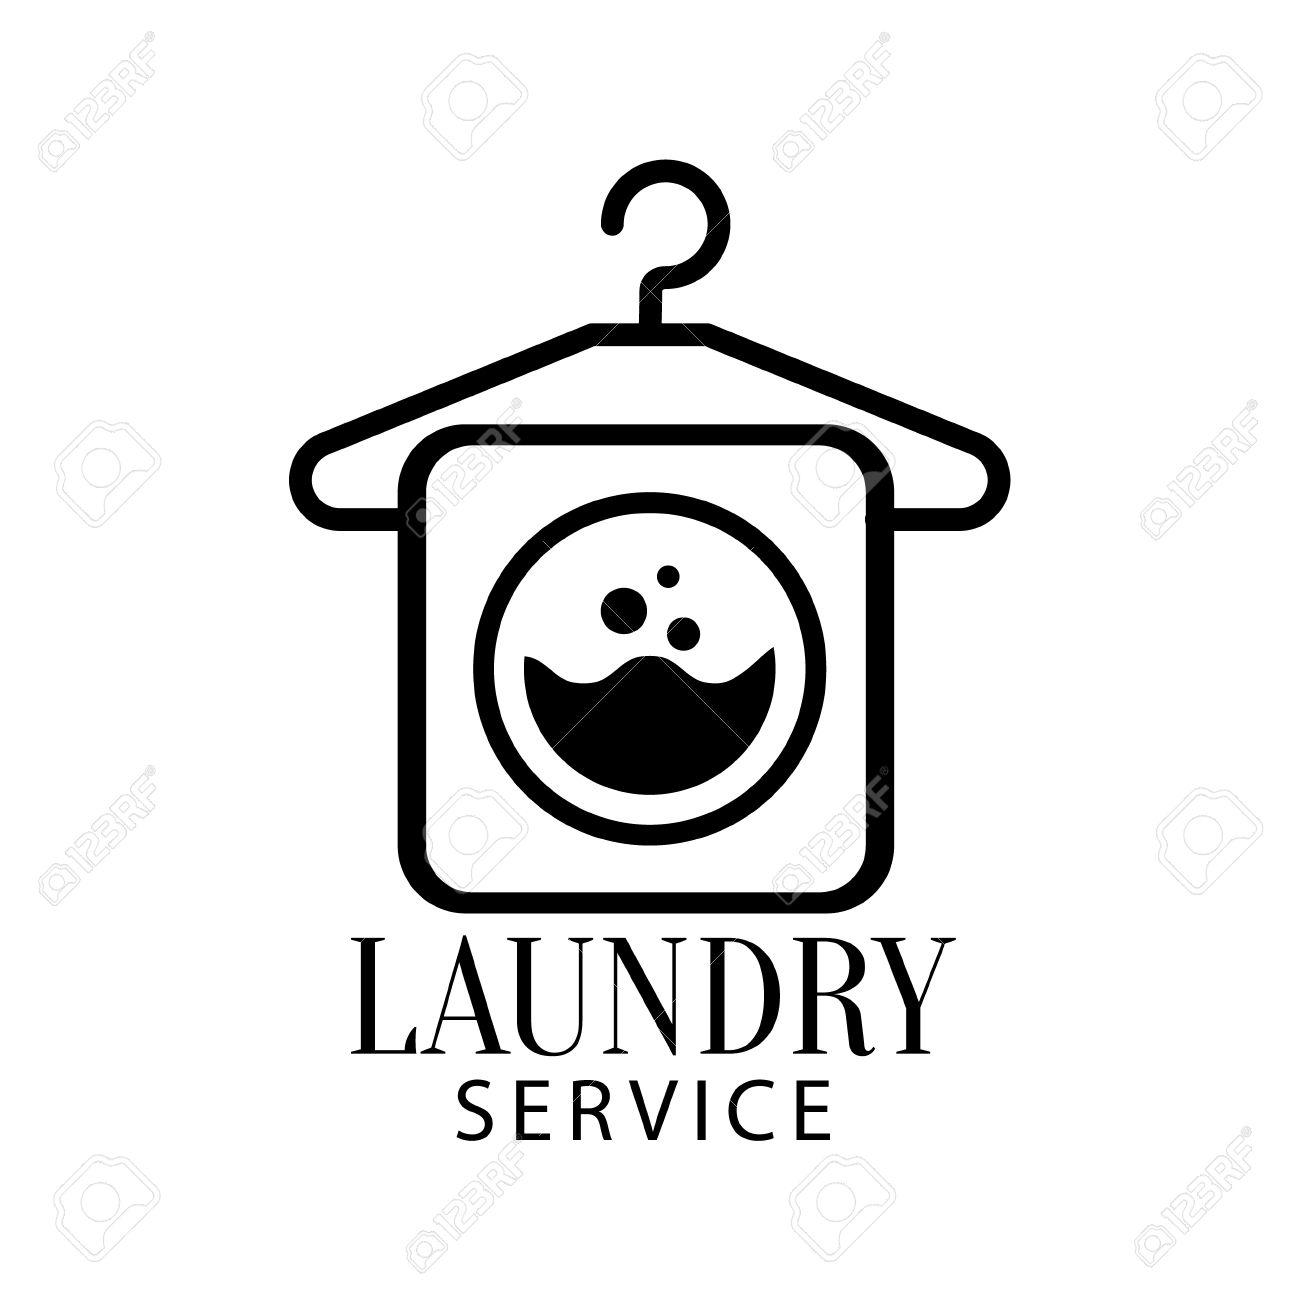 1300x1300 Service Laundry Clipart, Explore Pictures